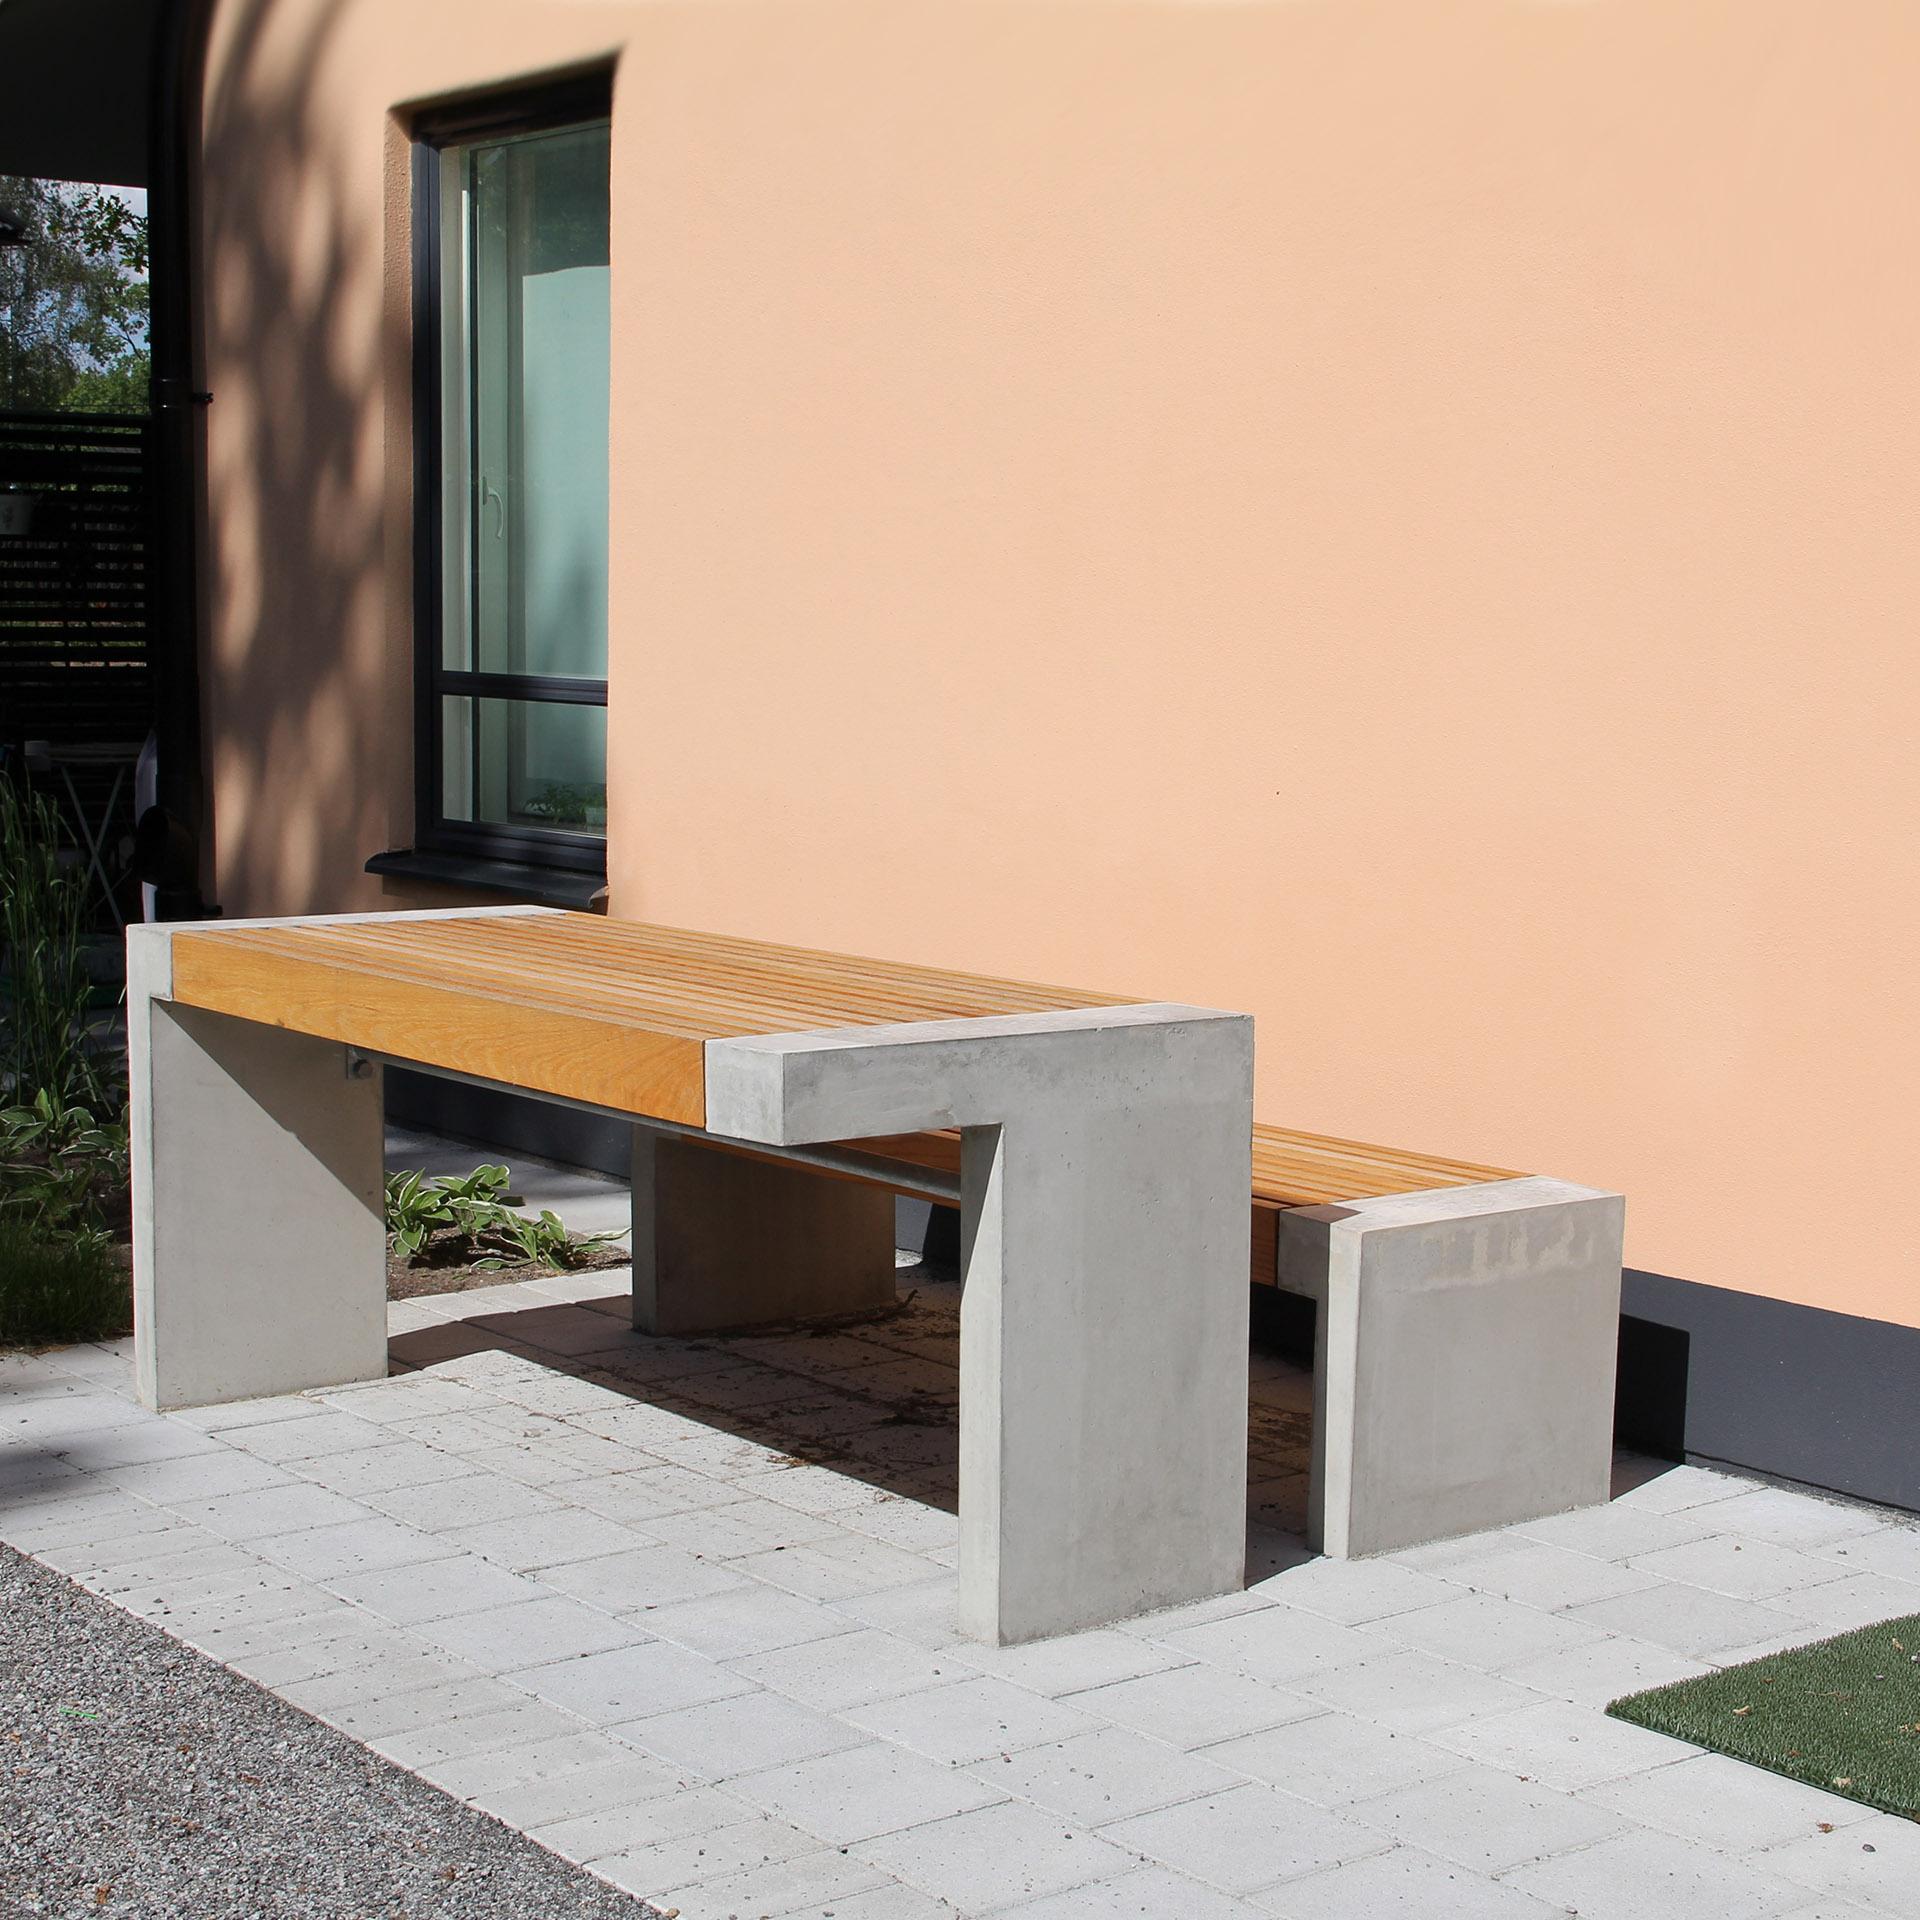 Paxa tafel geschikt voor de openbare binnen- en buitenruimte